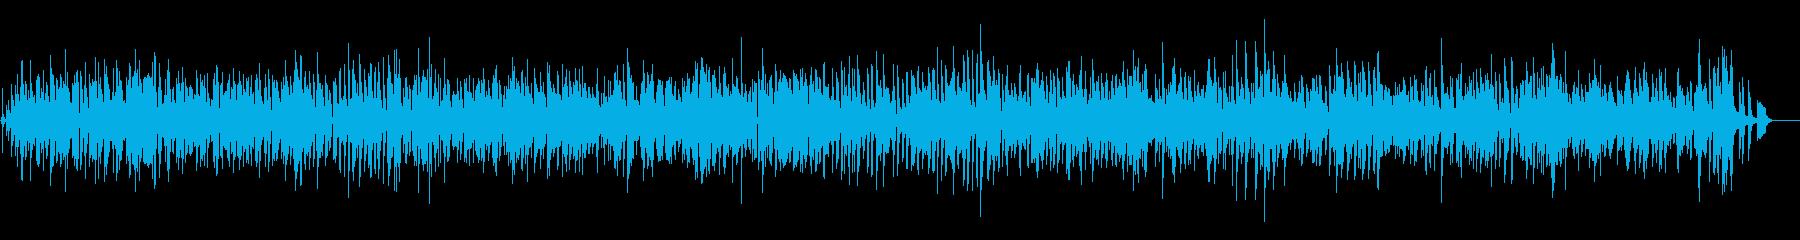 おしゃれジャズピアノ爽やかYouTubeの再生済みの波形